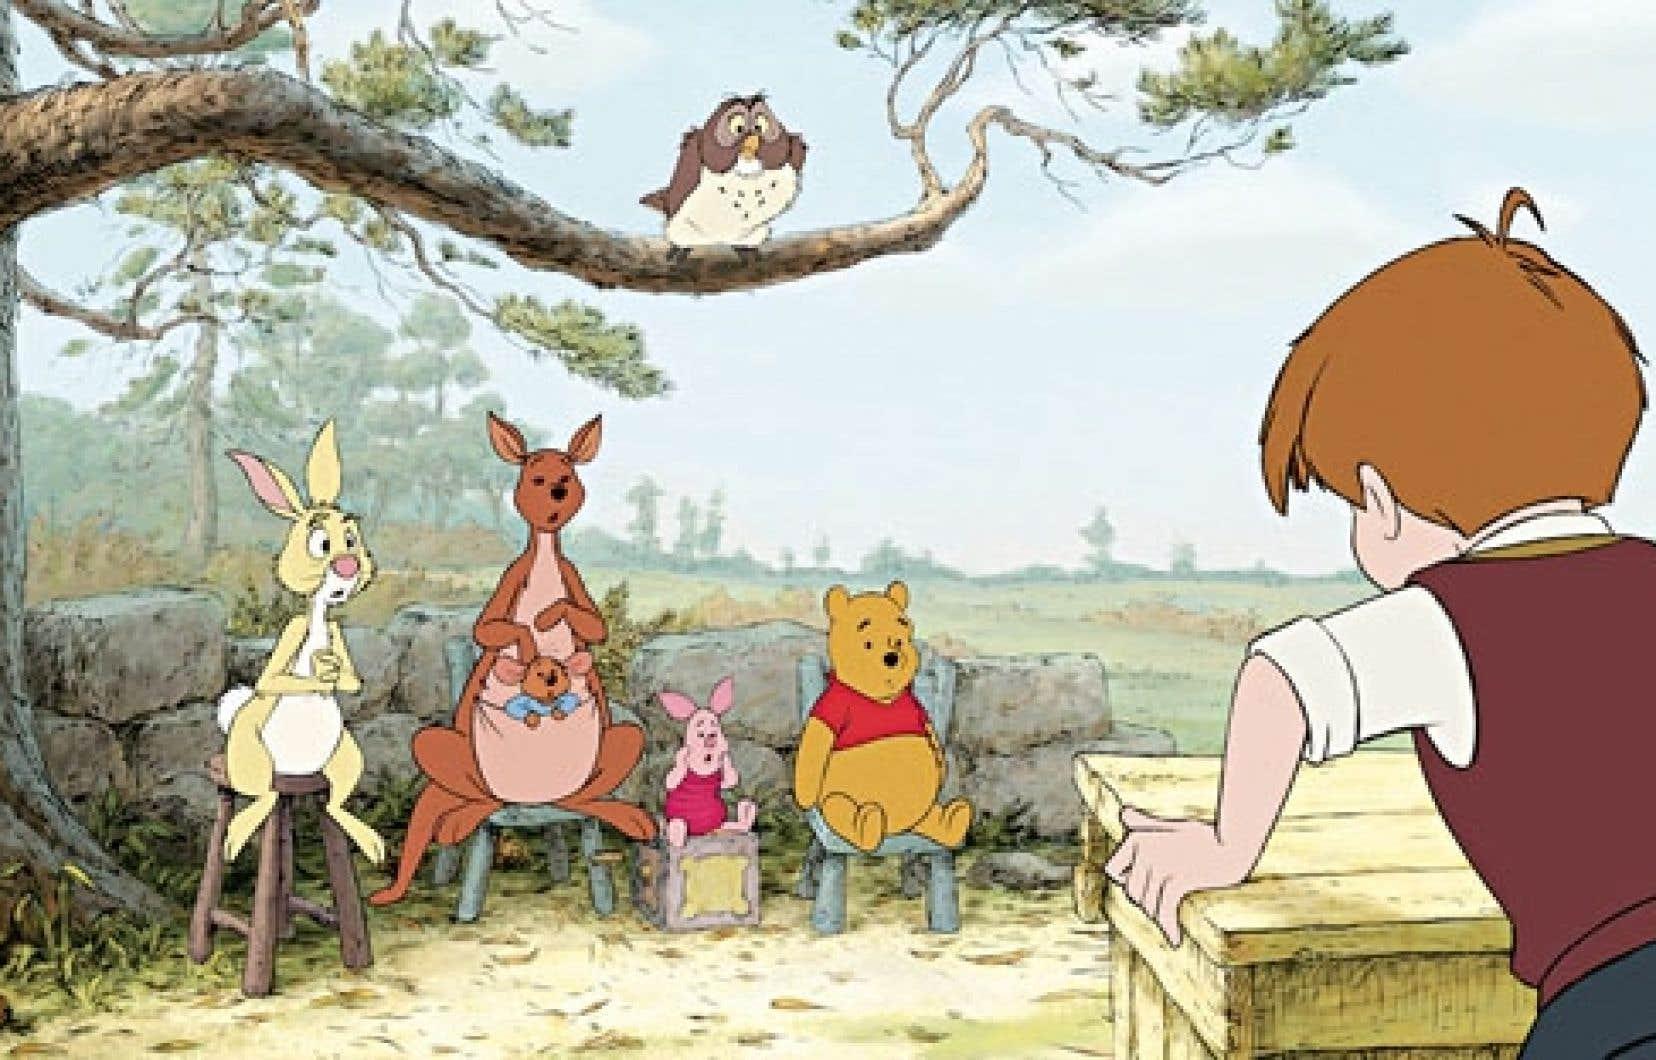 Le dernier Winnie l'ourson a coûté 30 millions et n'a rapporté que 33 millions.